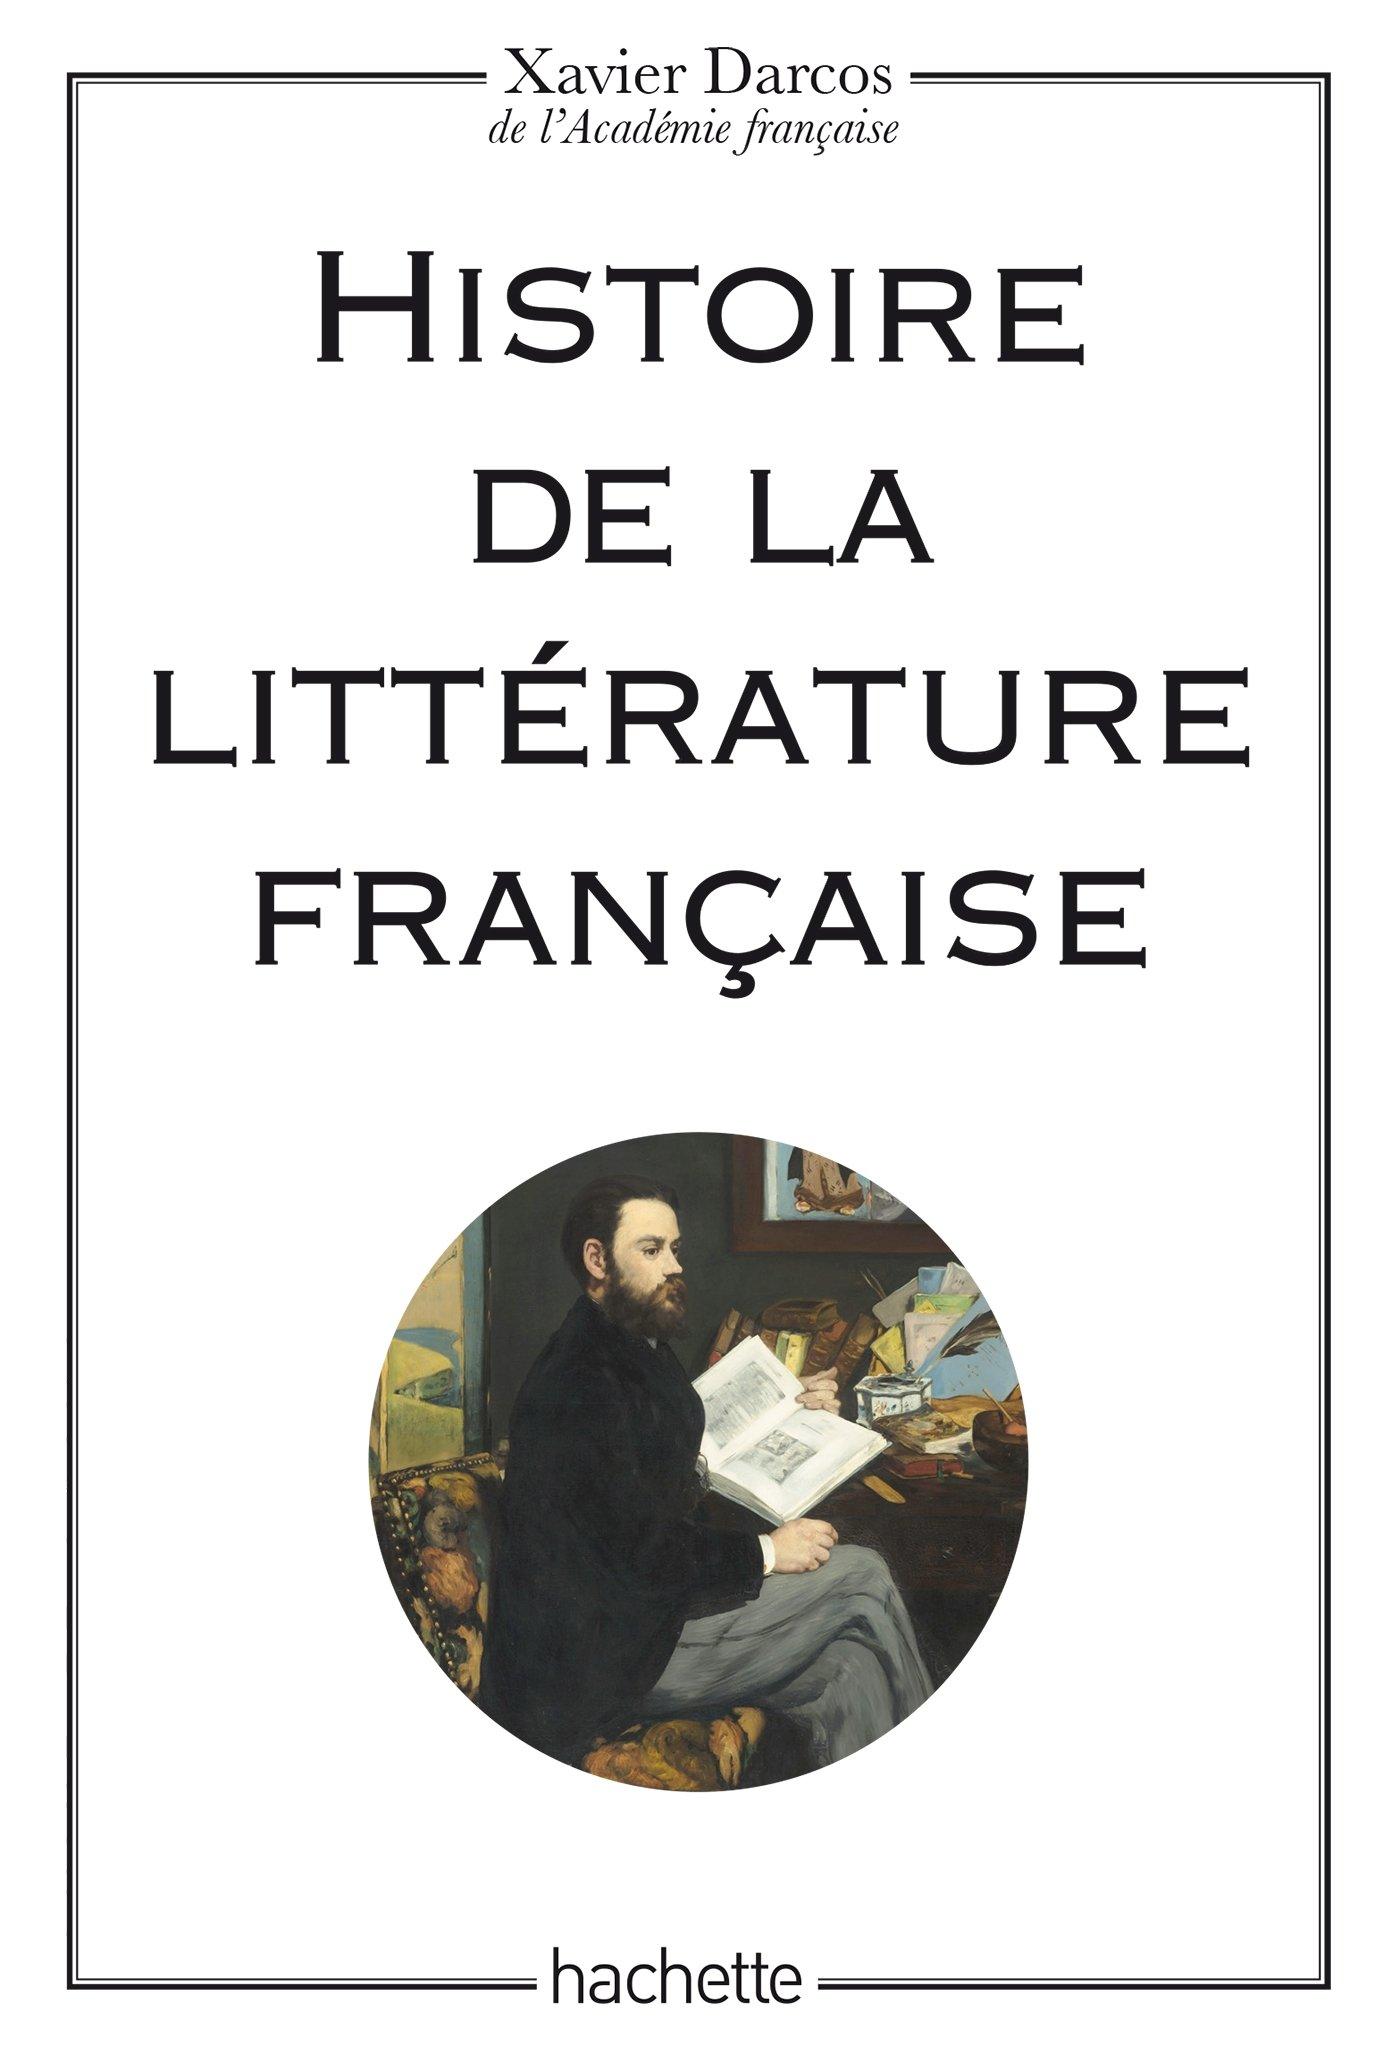 Amazon.fr - Histoire de la littérature française - Xavier Darcos - Livres